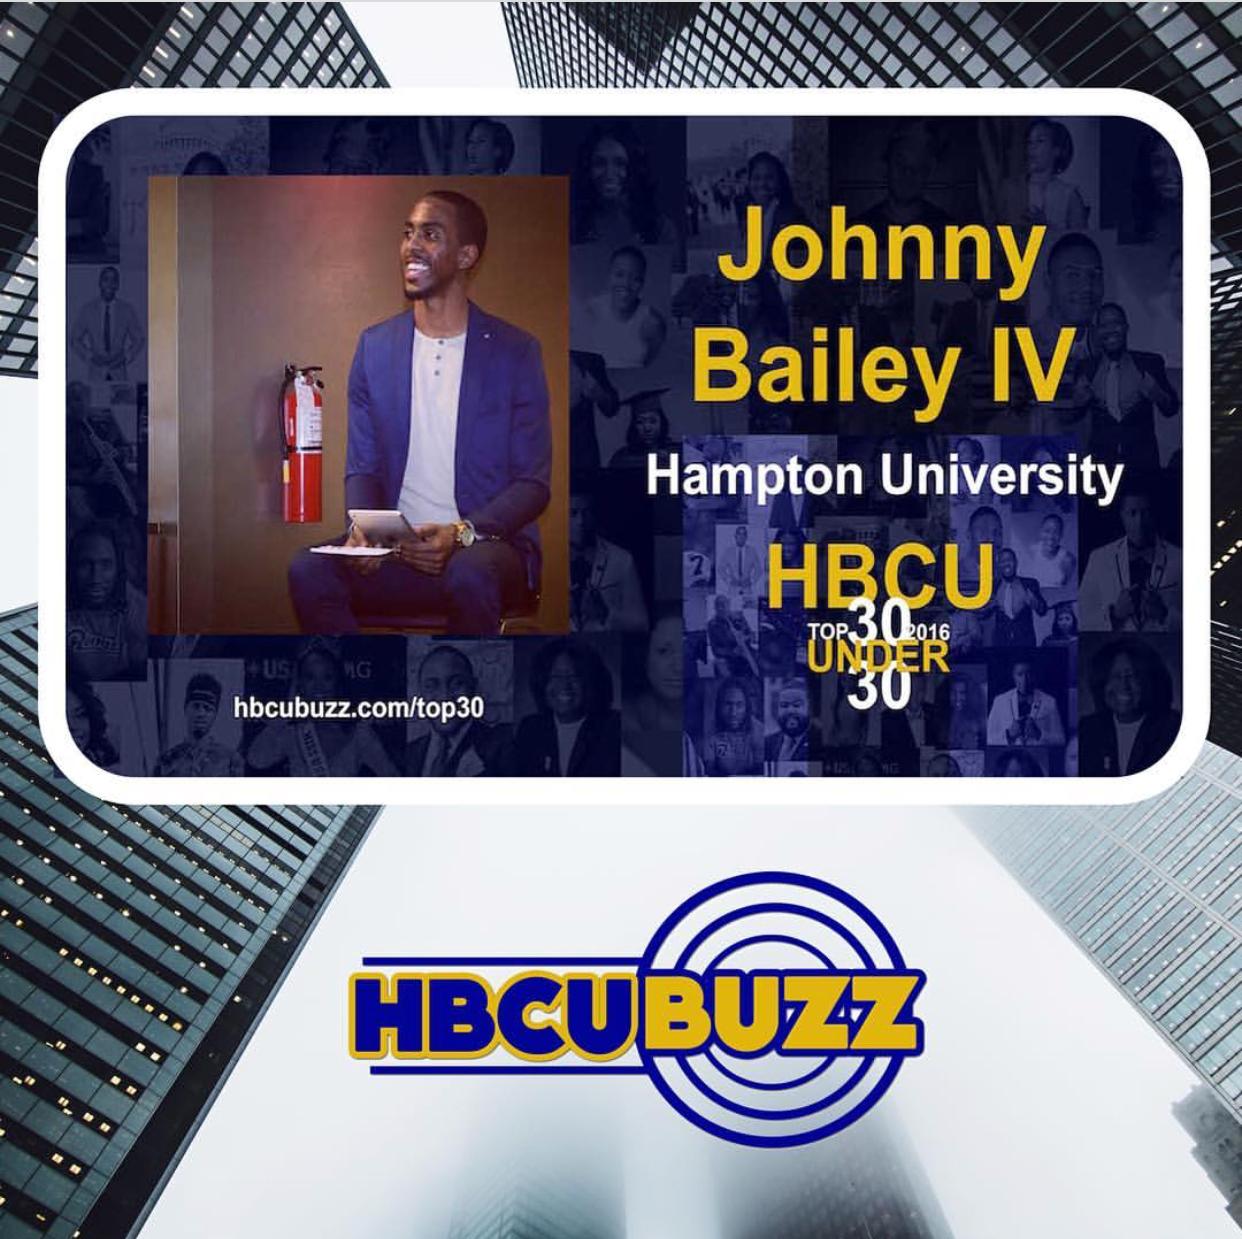 HBCU Buzz